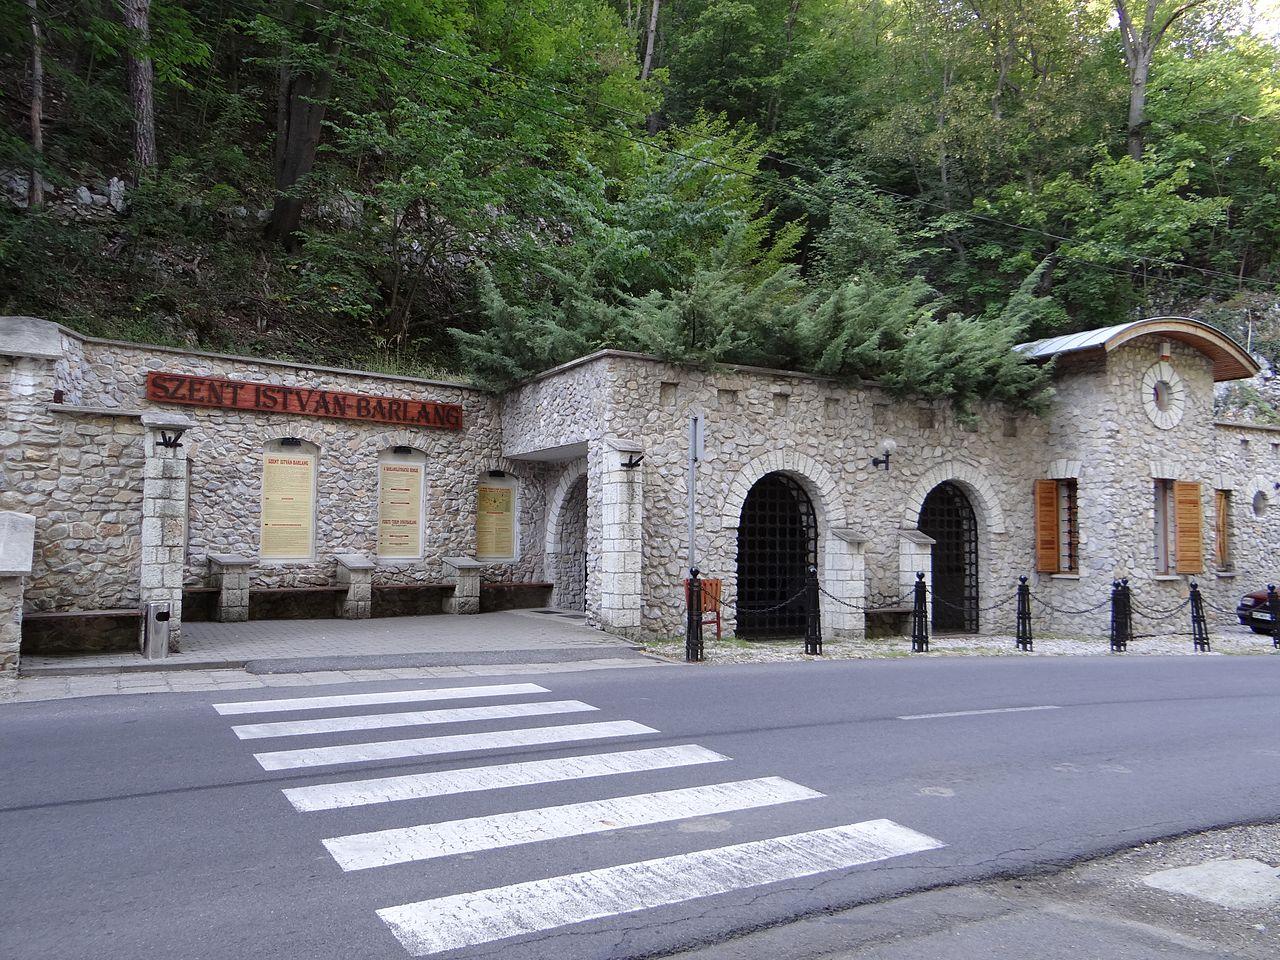 Szent István Barlang, Lillafüred